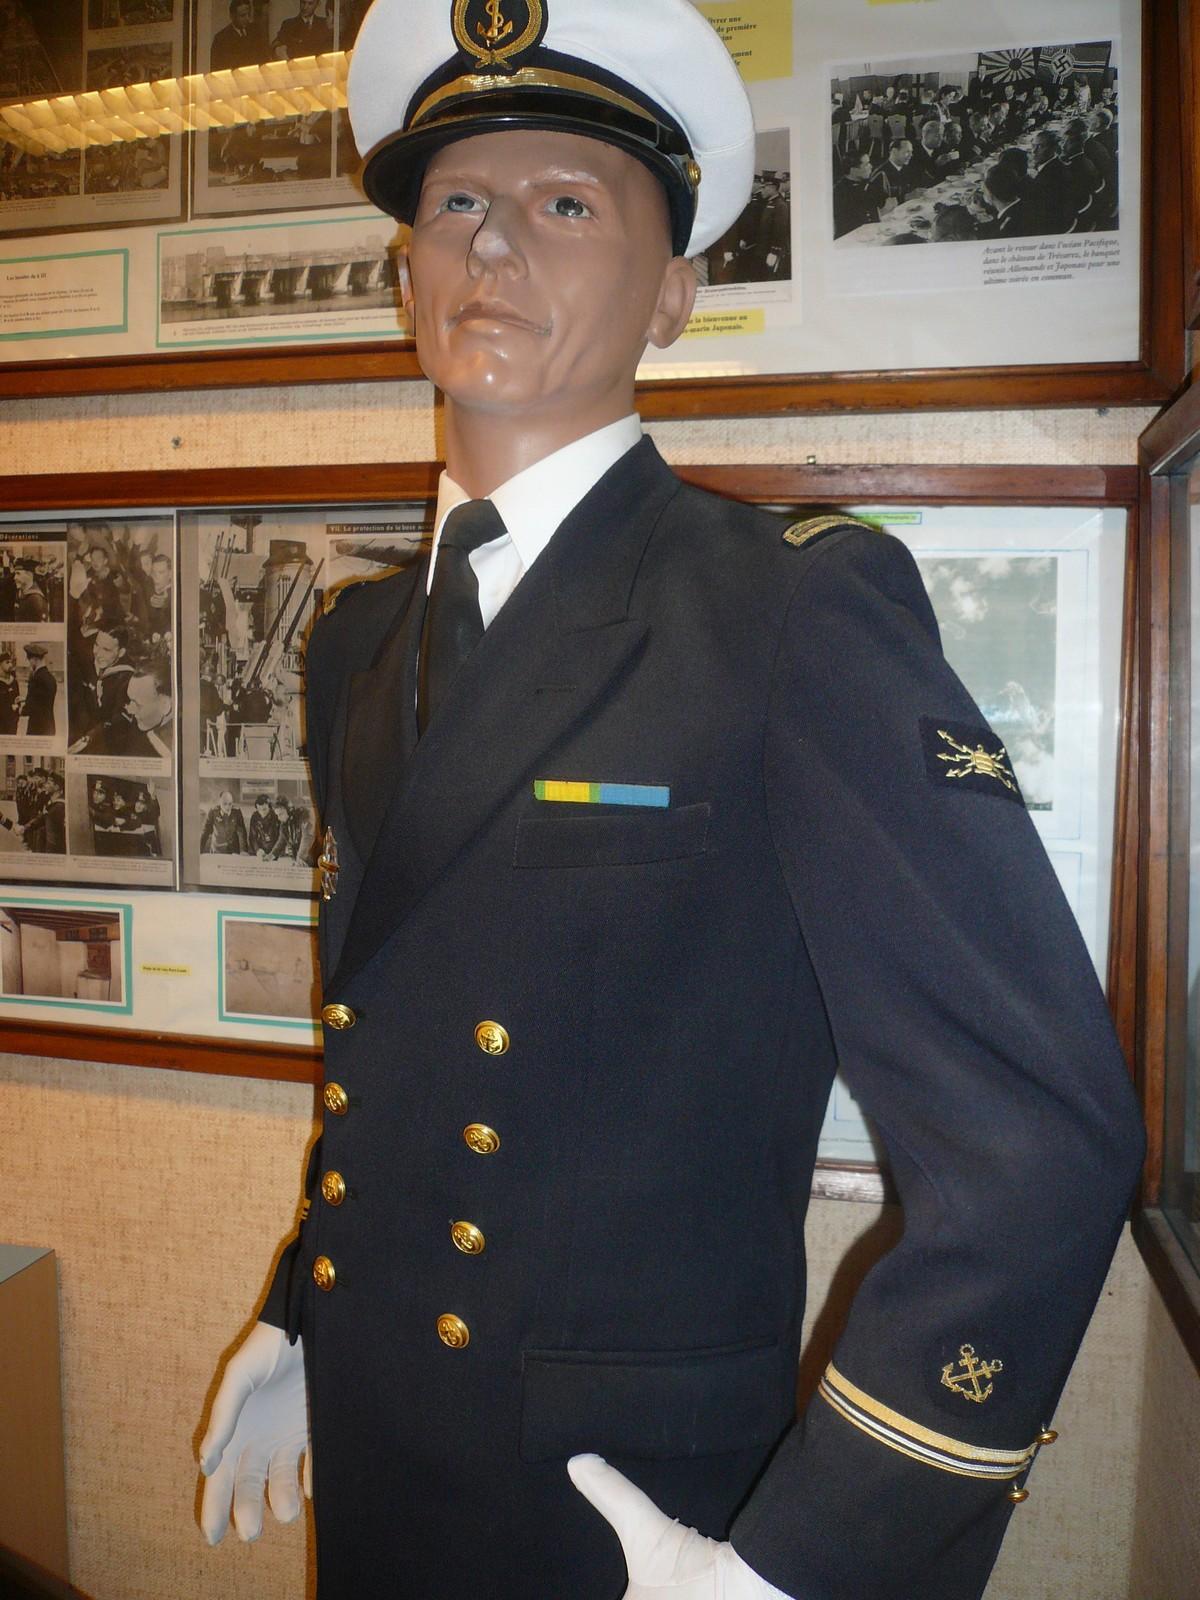 [ Associations anciens Marins ] Les membres du MESMAT nouvel équipage de la FLORE - Page 5 4337123aufaitquellesp